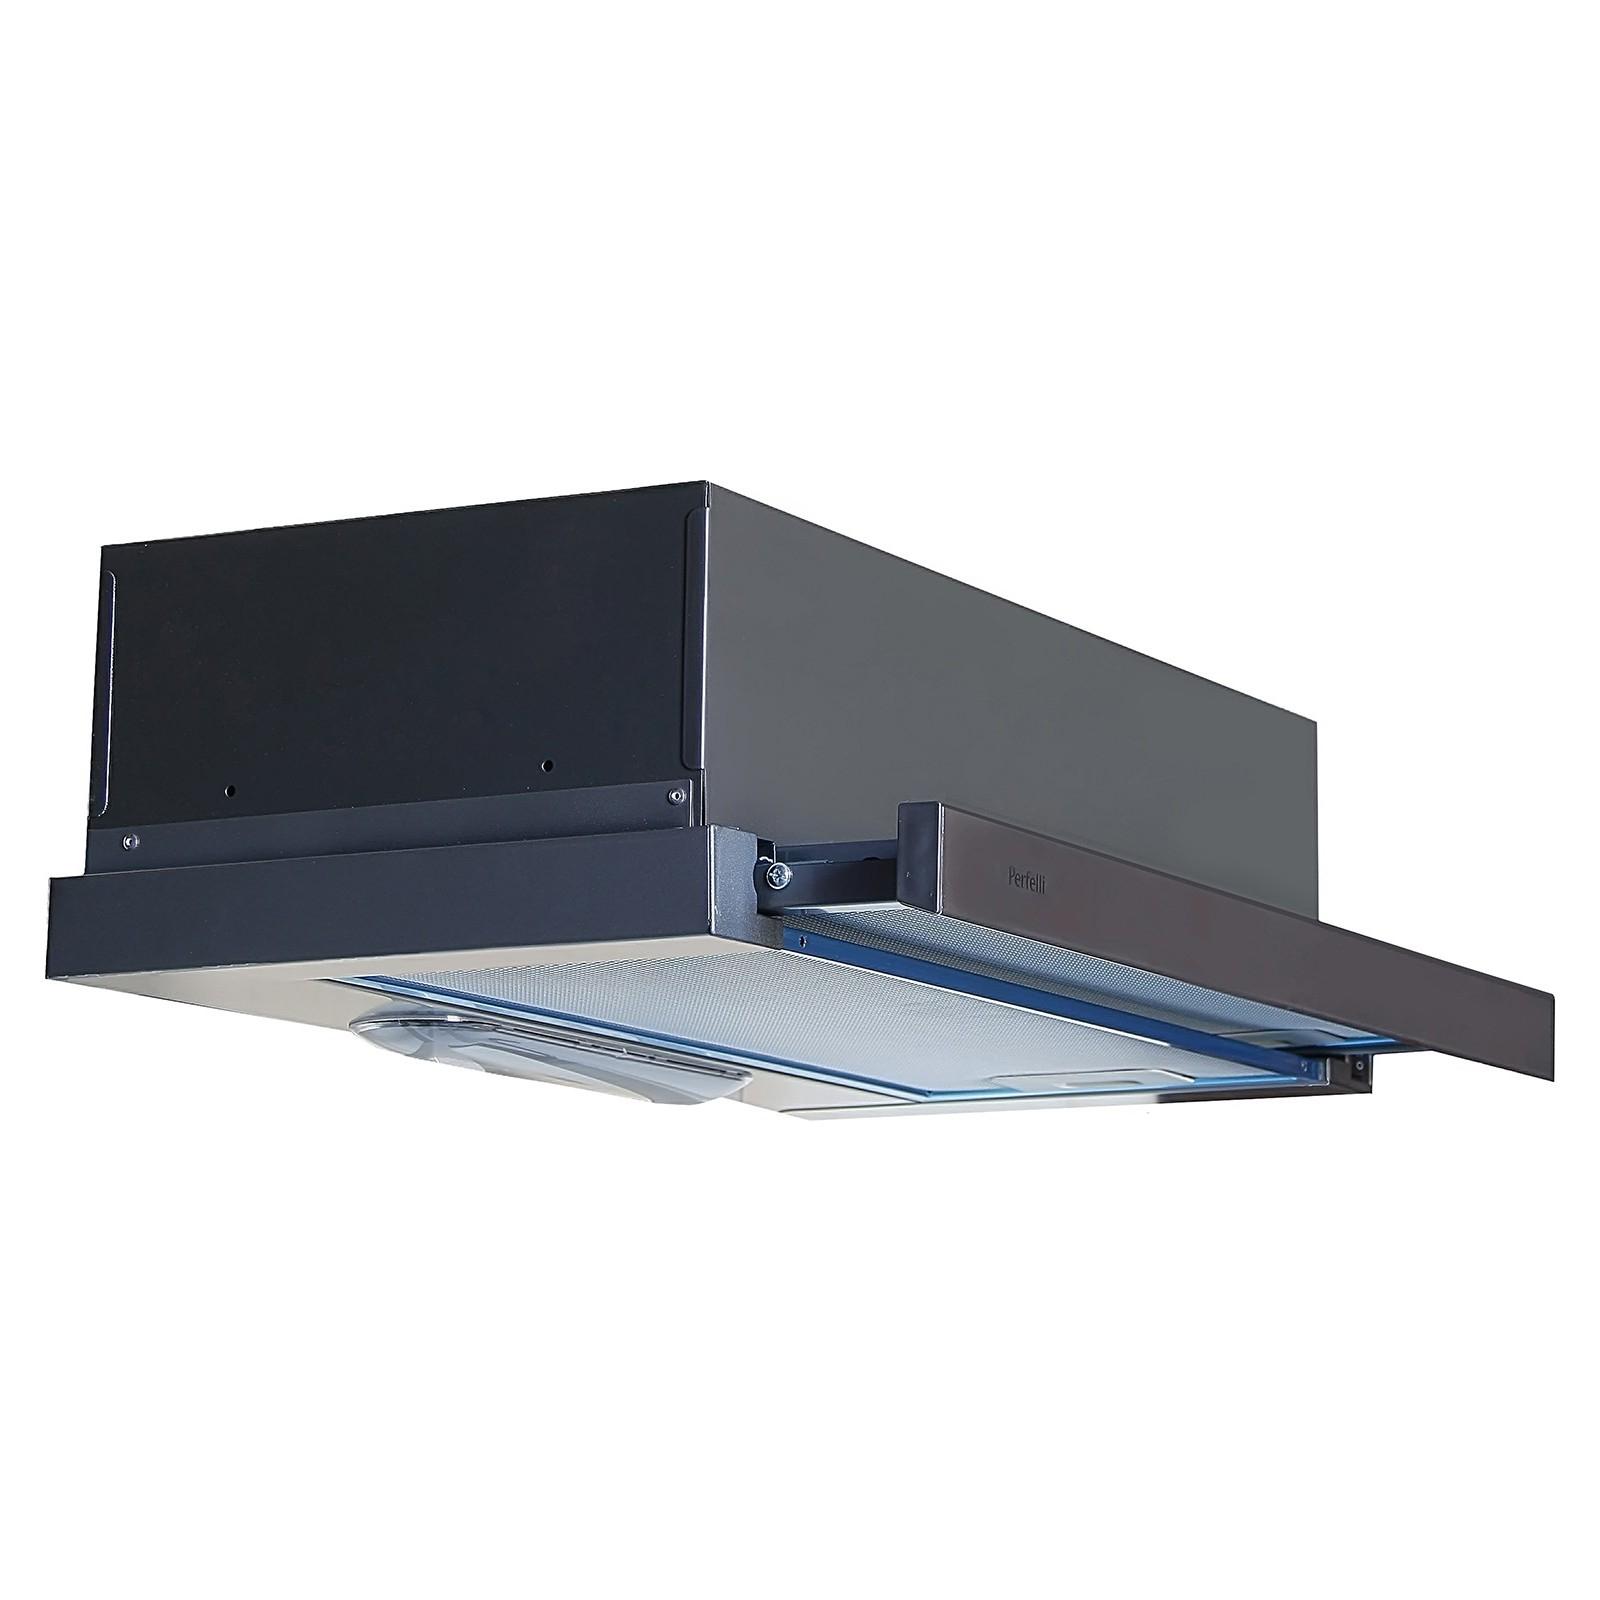 Вытяжка кухонная Perfelli TL 620 BL изображение 4